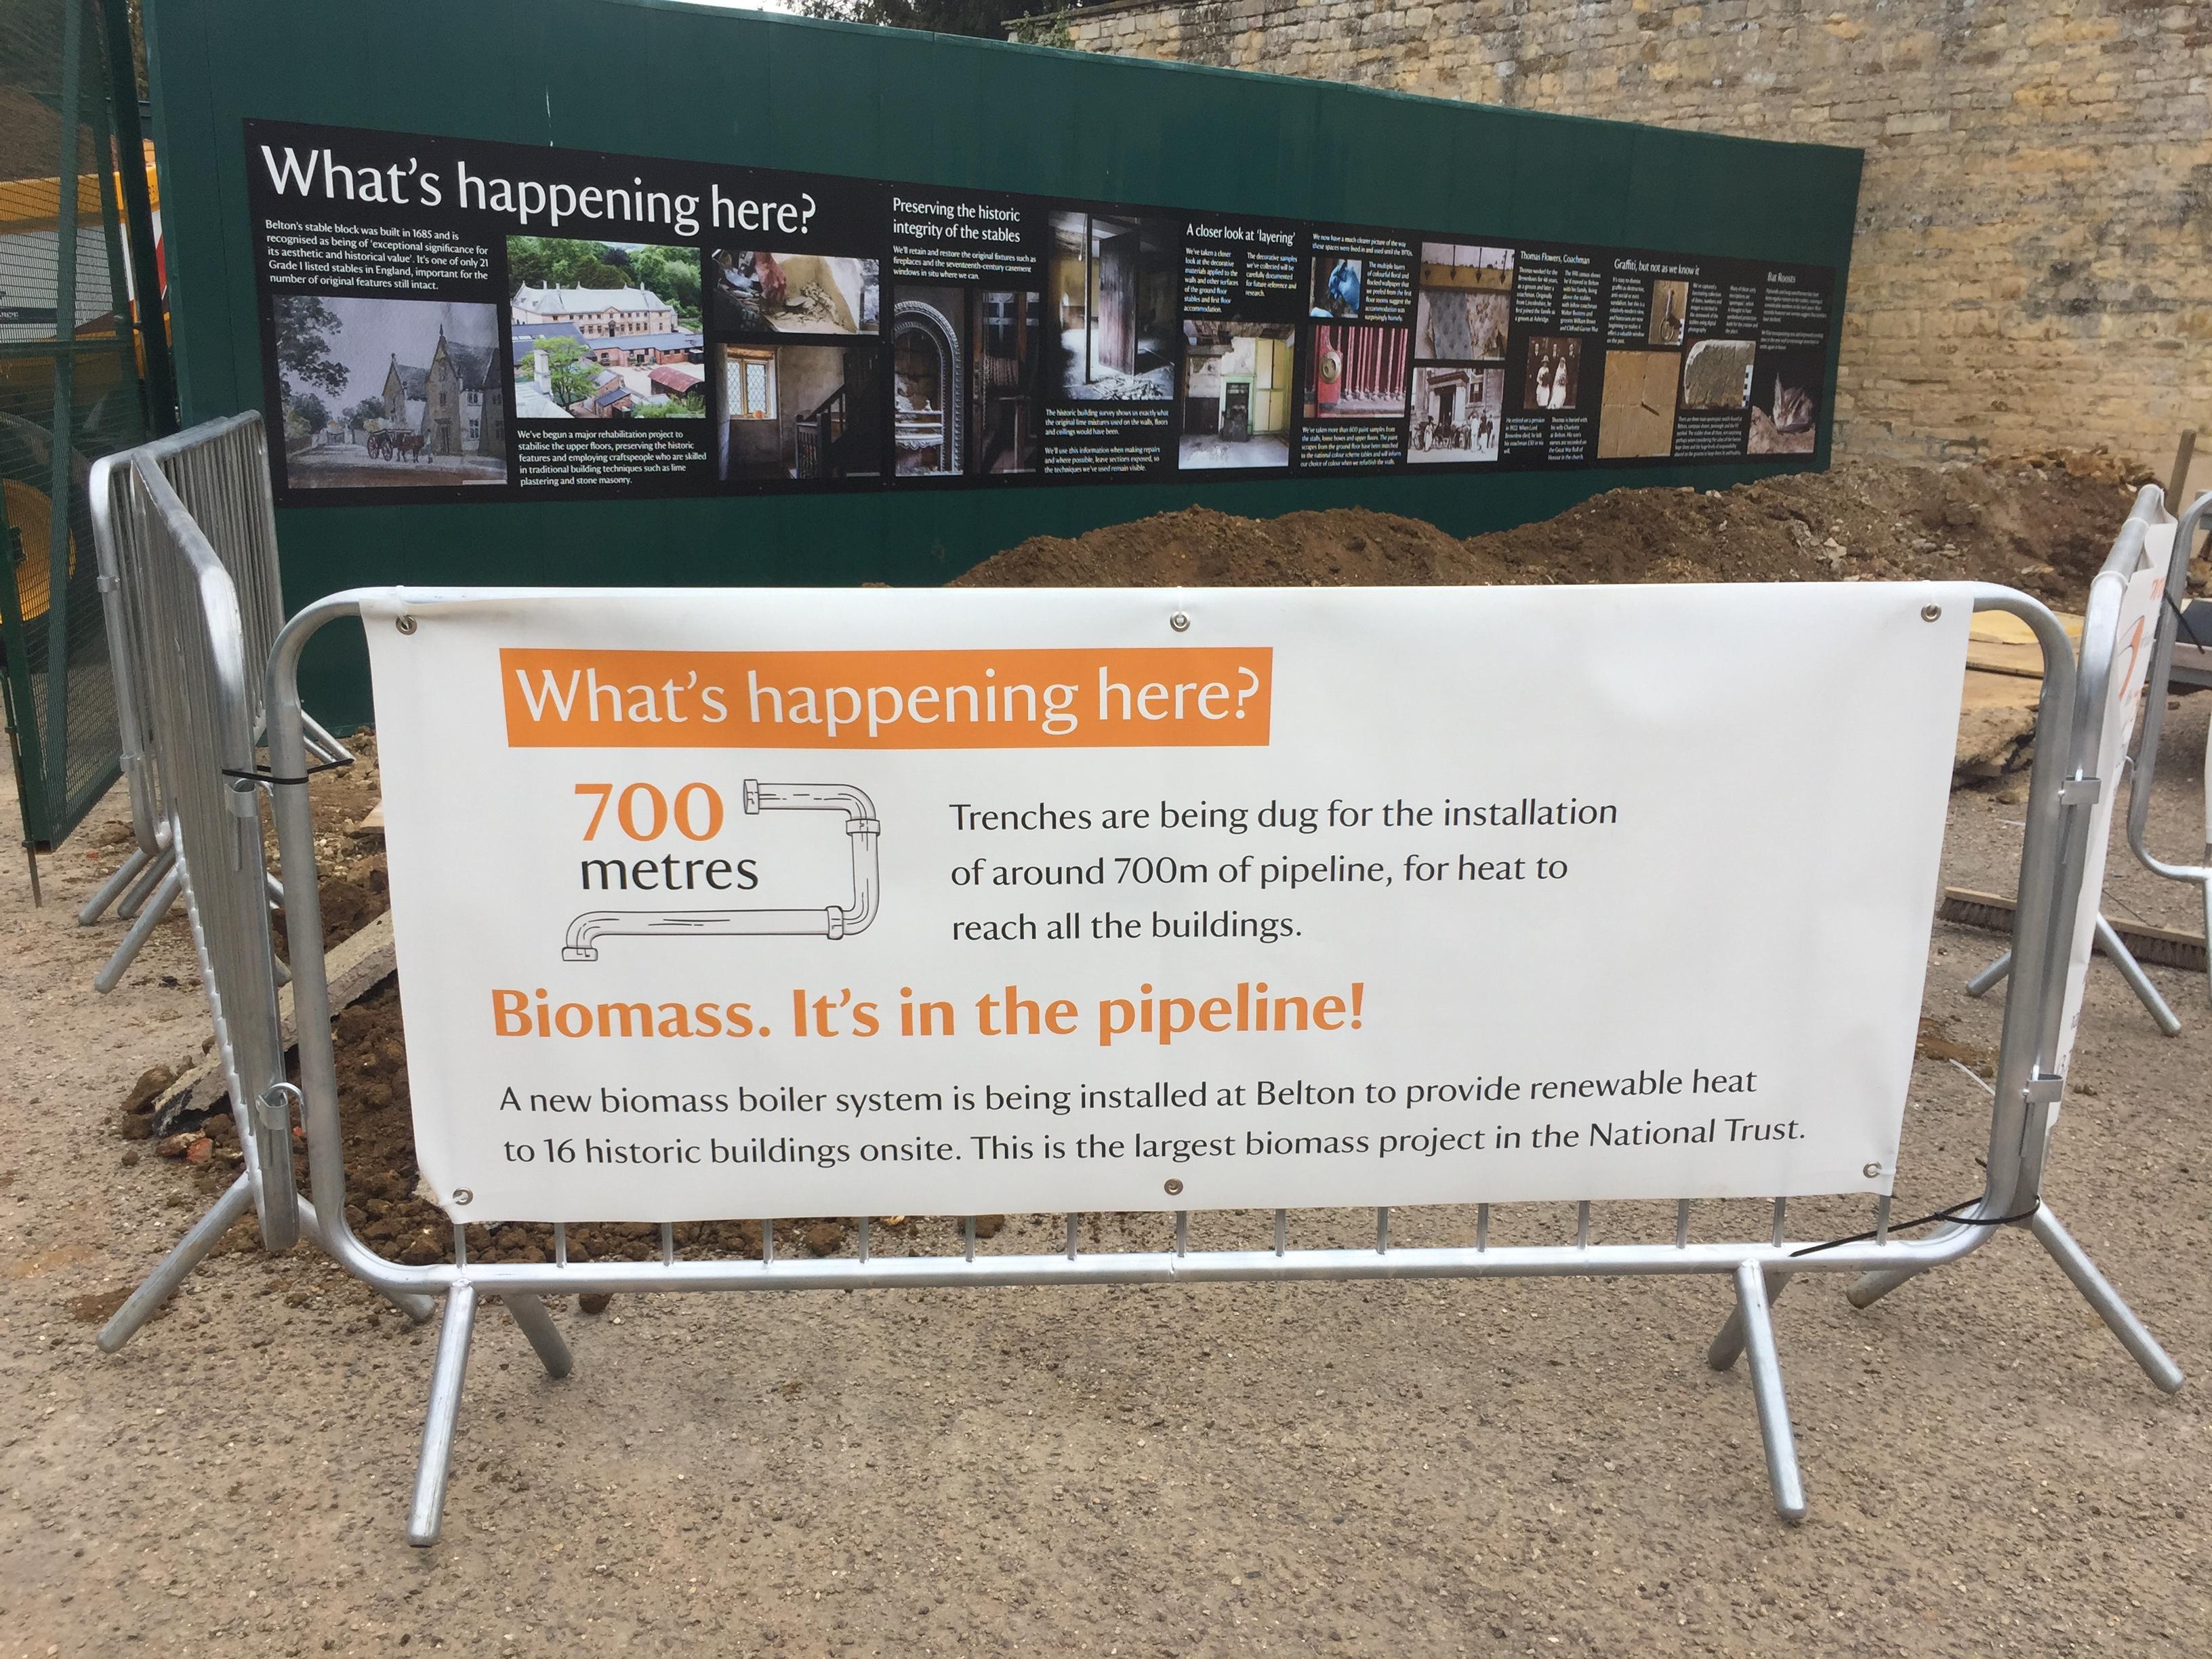 National Trust Biomass barrier